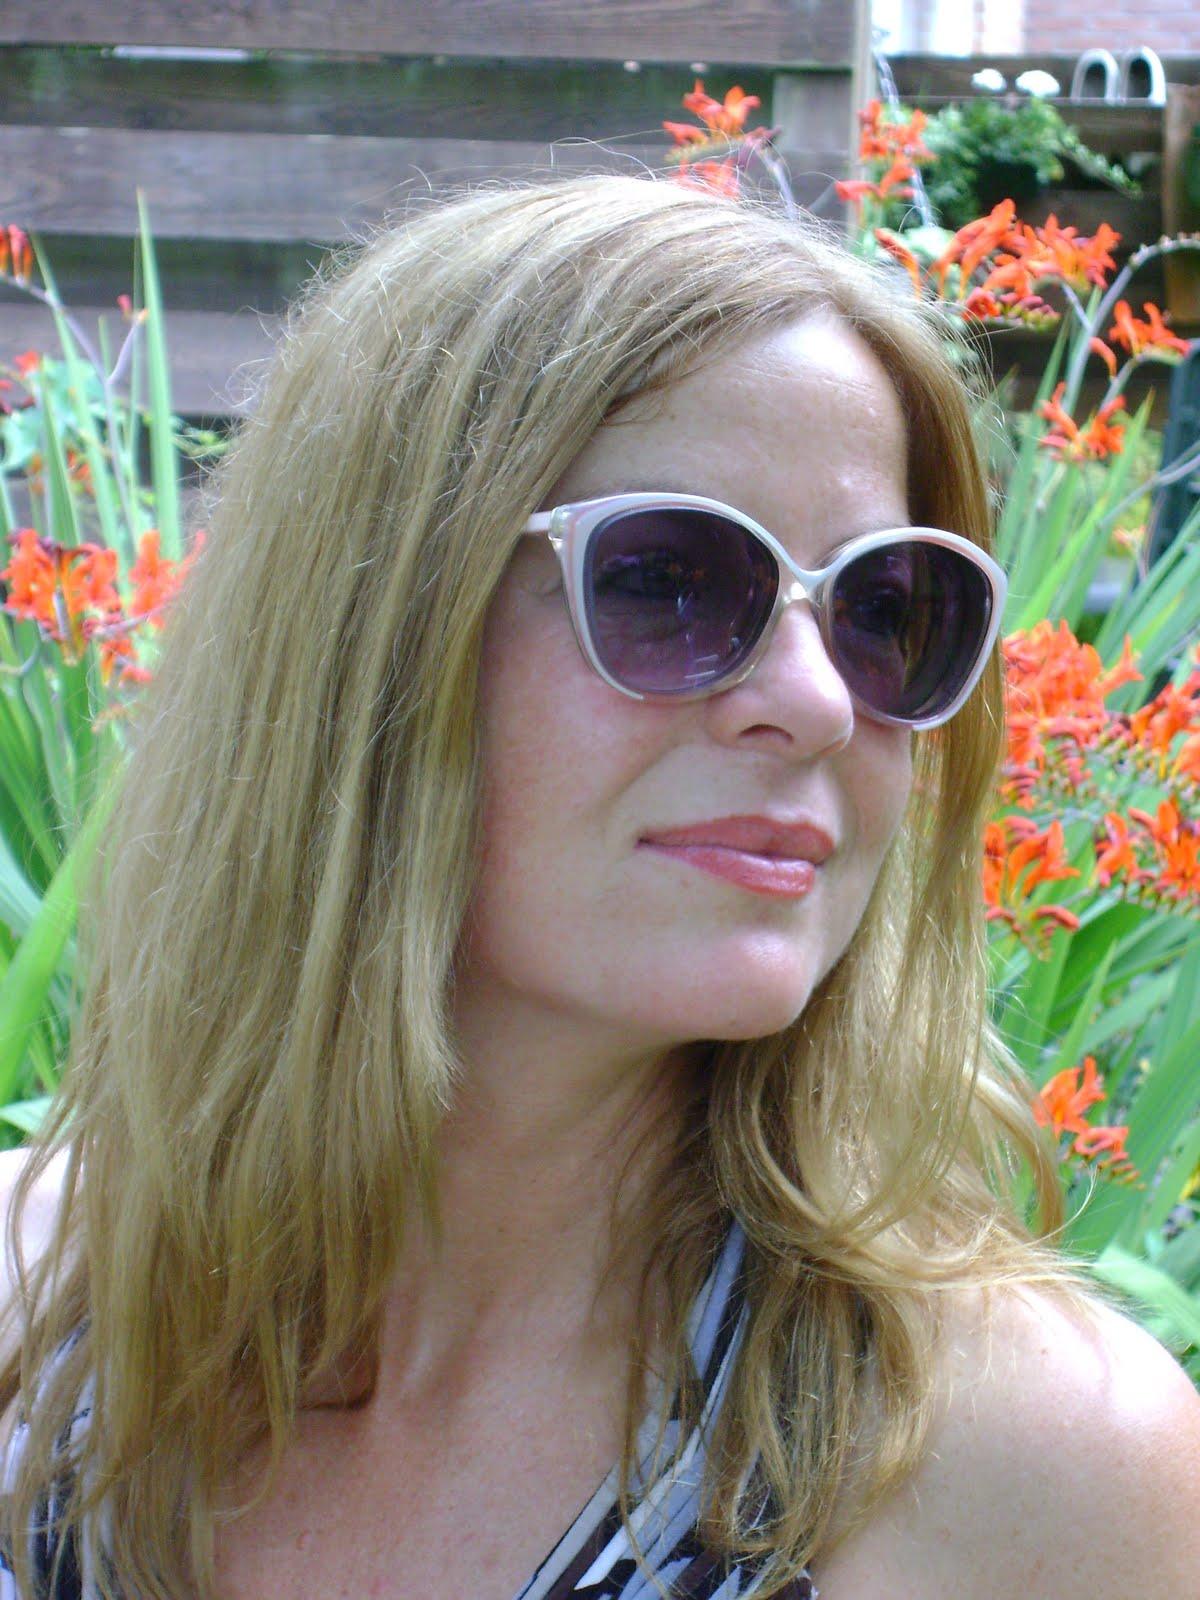 http://4.bp.blogspot.com/_myRknAlqbfw/TEmZqFksBCI/AAAAAAAAIsE/tw13fHVGbtM/s1600/Astrid+sunglasses+115.jpg